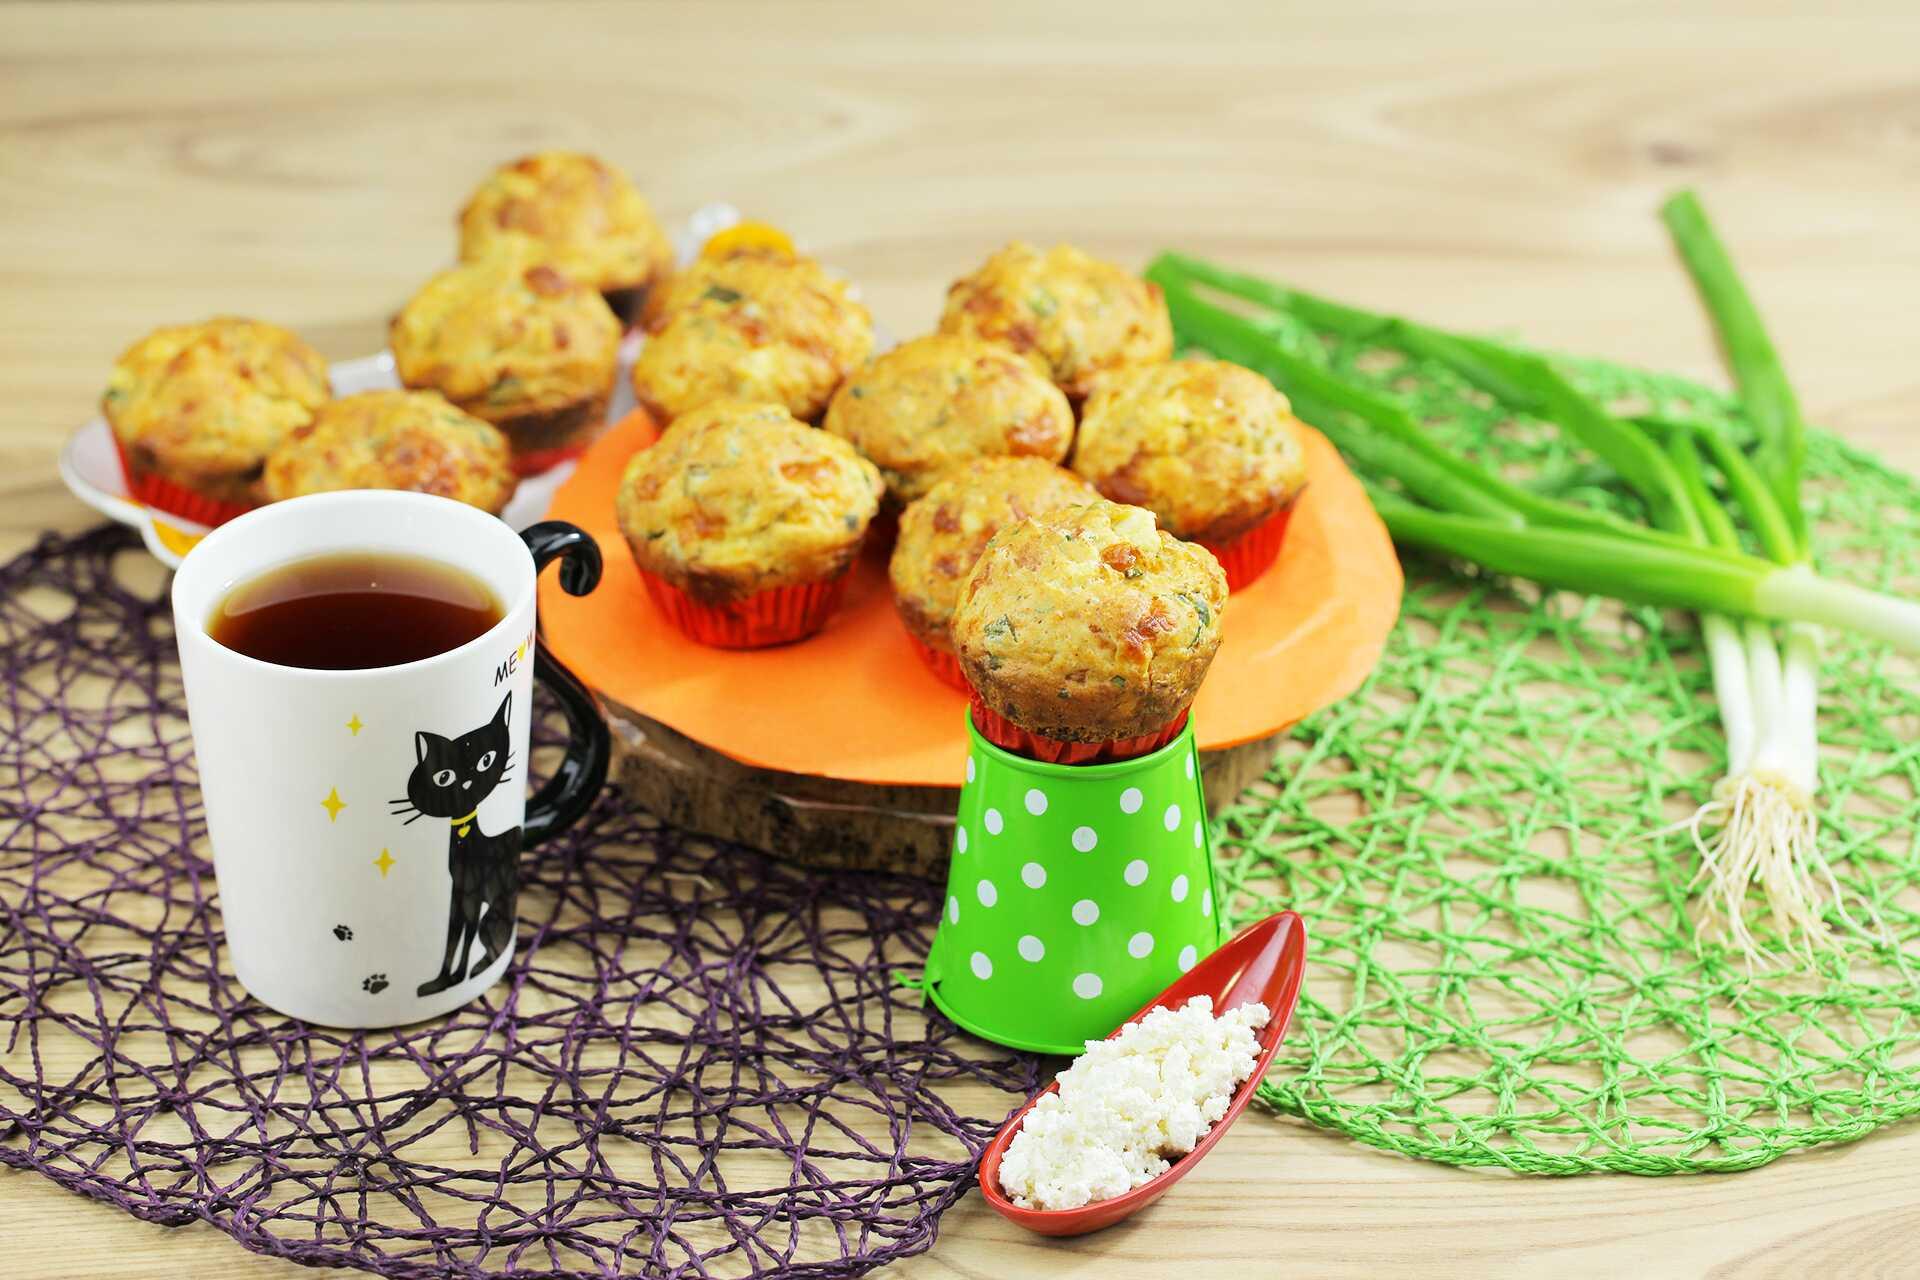 Lor Peynirli Zeytinli Tuzlu Muffin Tarifi | Tarifini Sevdim